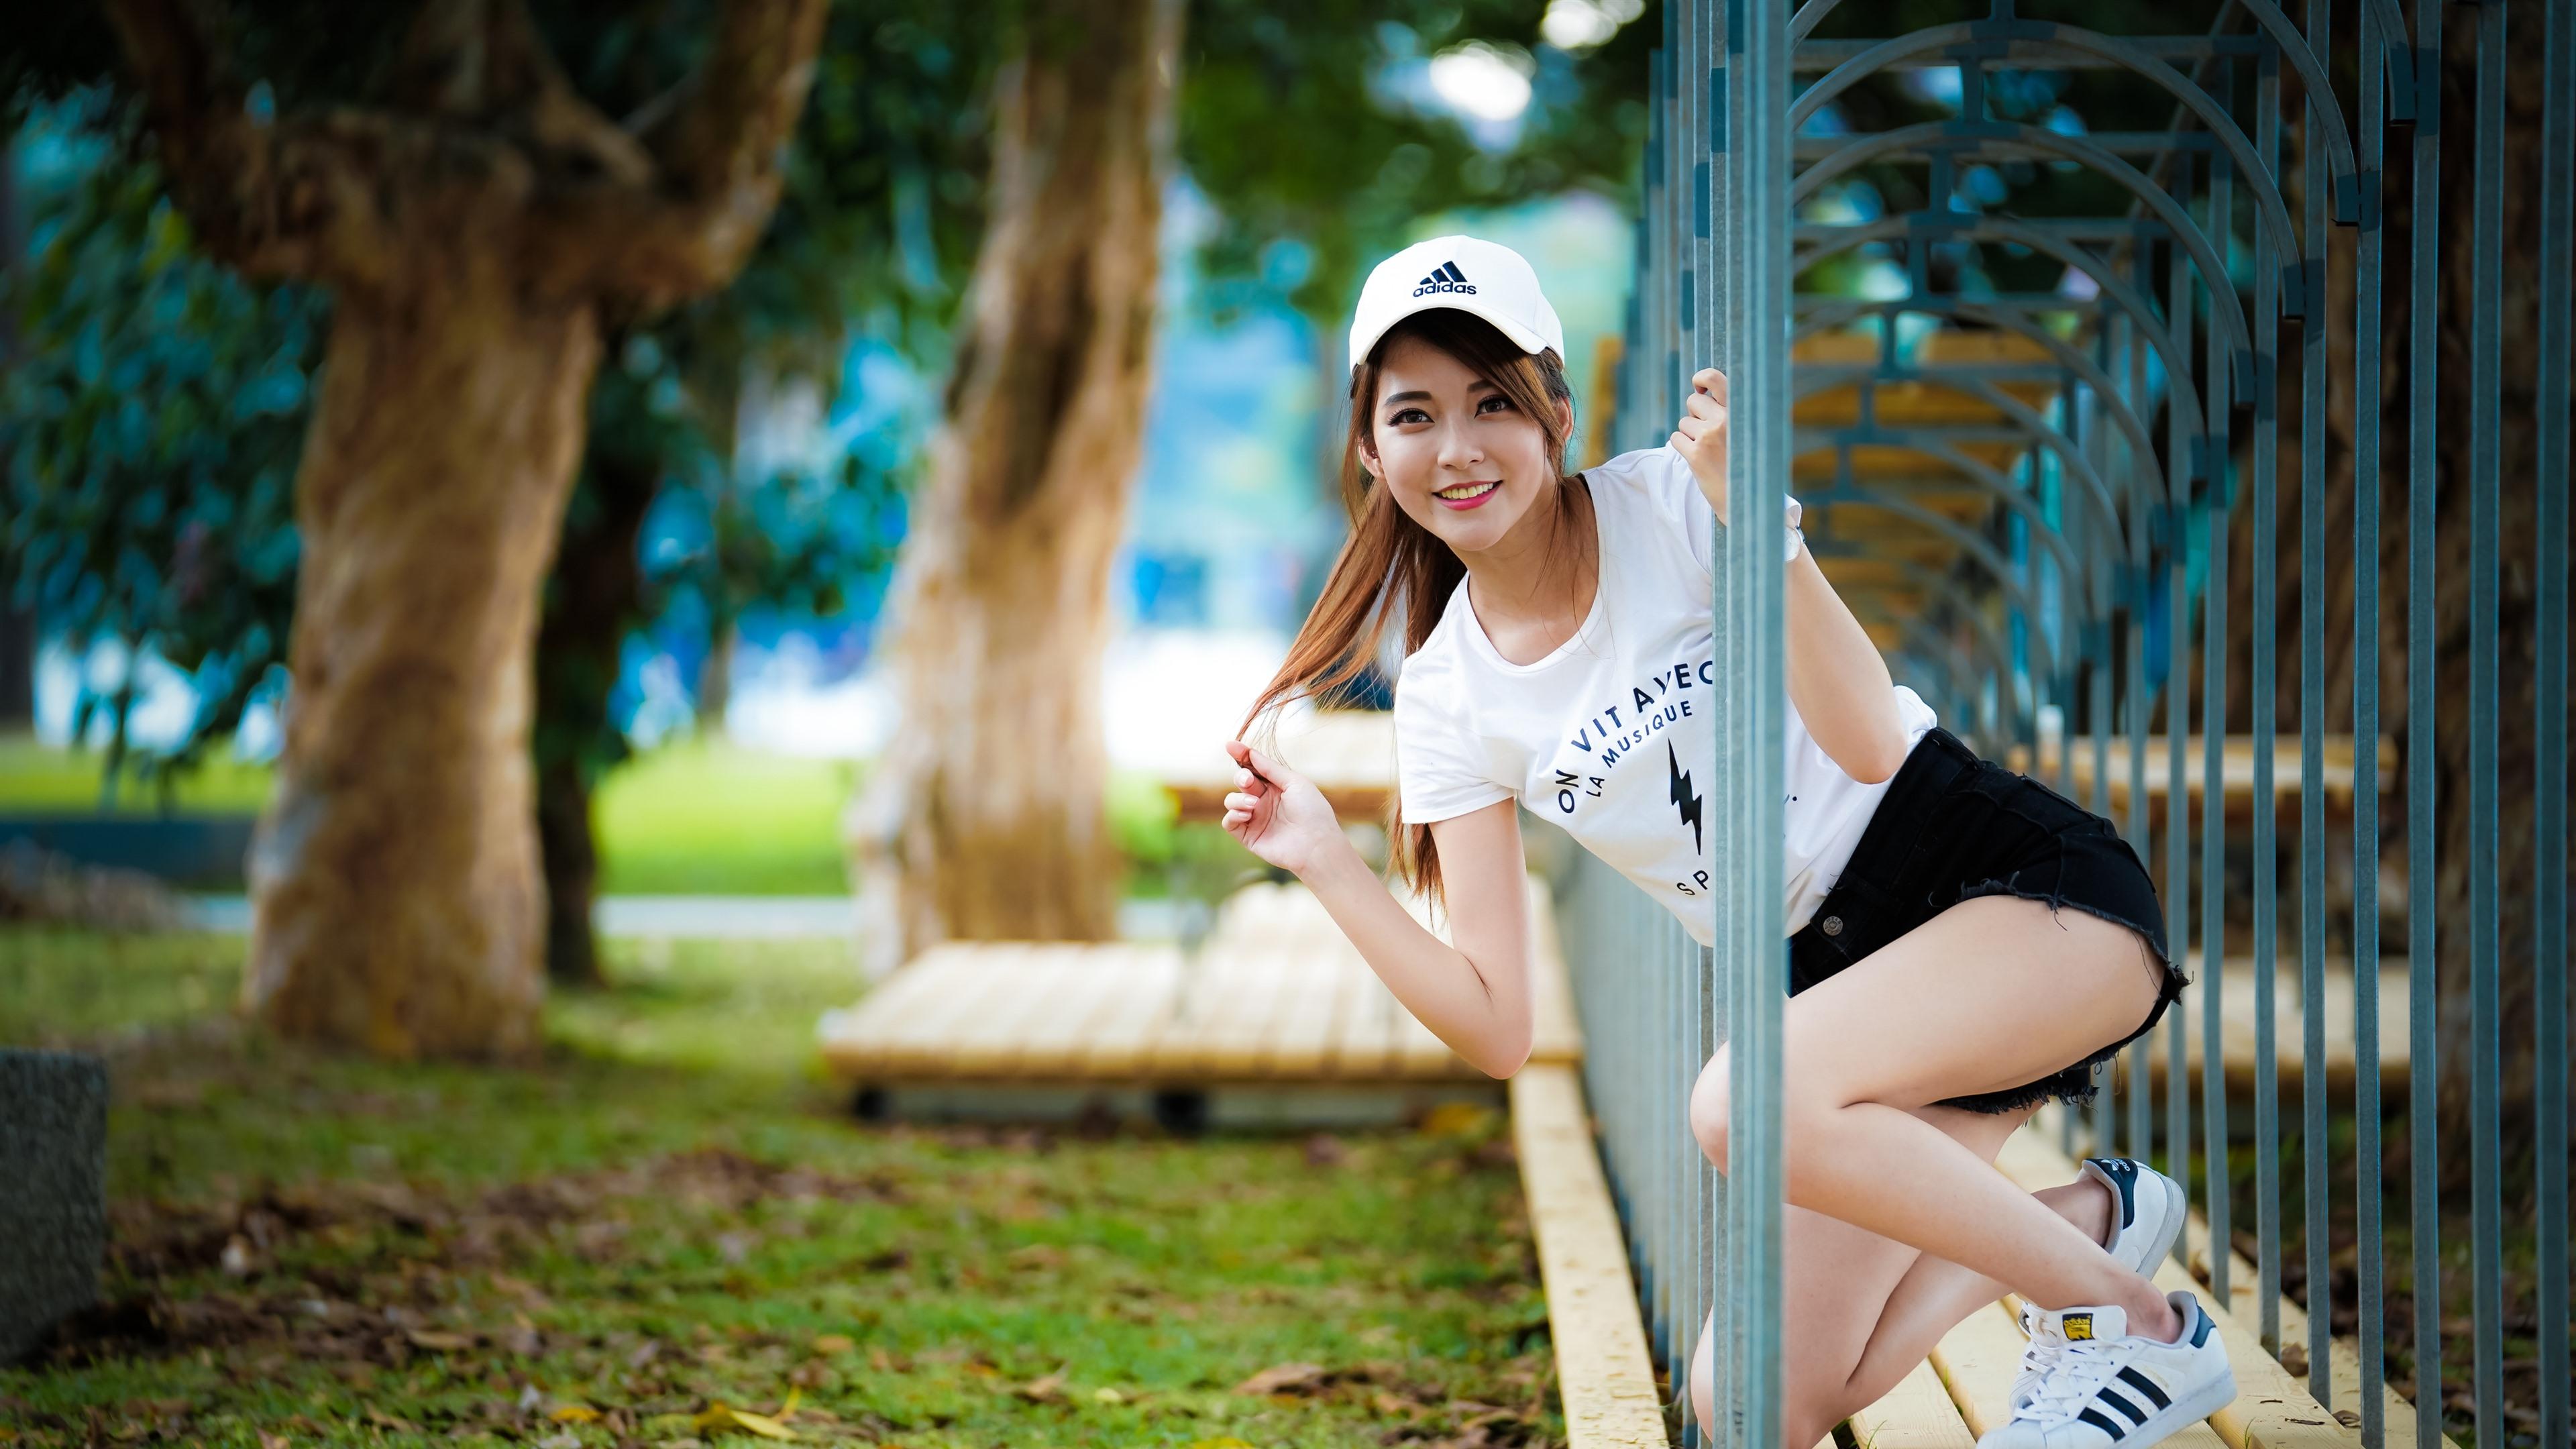 Wallpaper smile asian girl channel 3840x2160 uhd 4k - Asian girl 4k ...